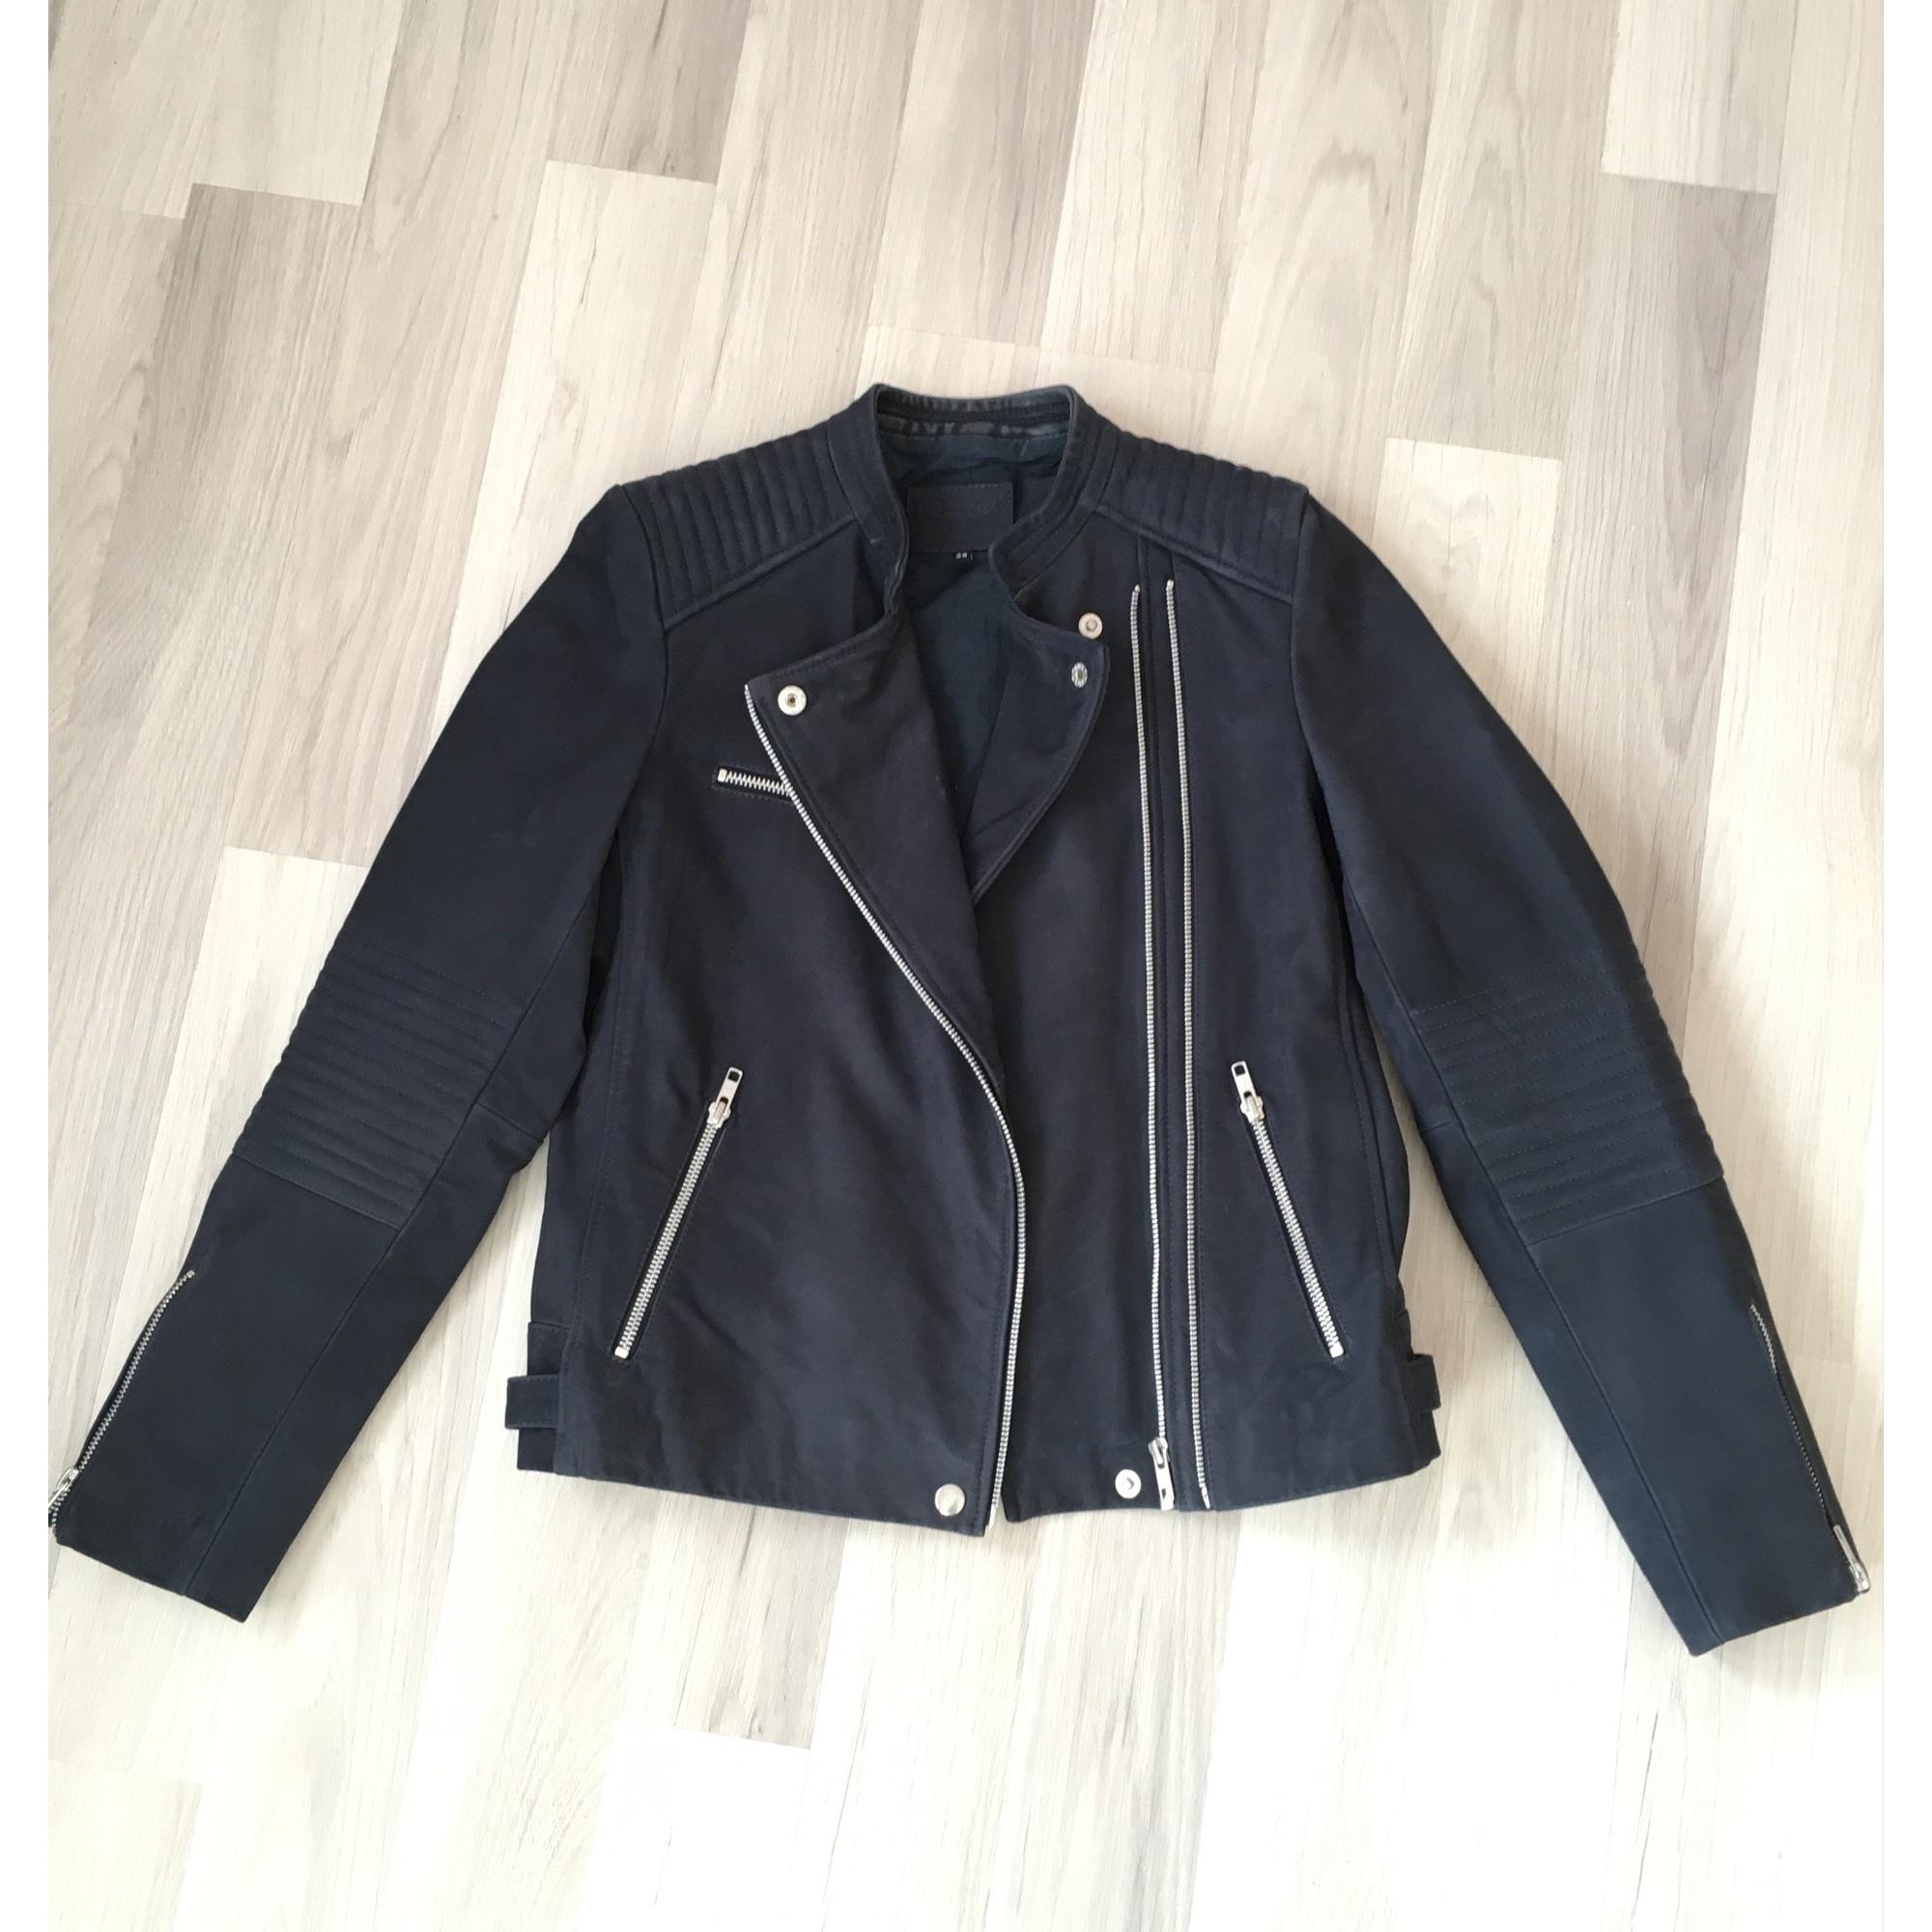 Veste en cuir CAROLL 36 (S, T1) bleu vendu par Olesinia - 5867778 90a51d7f3a1